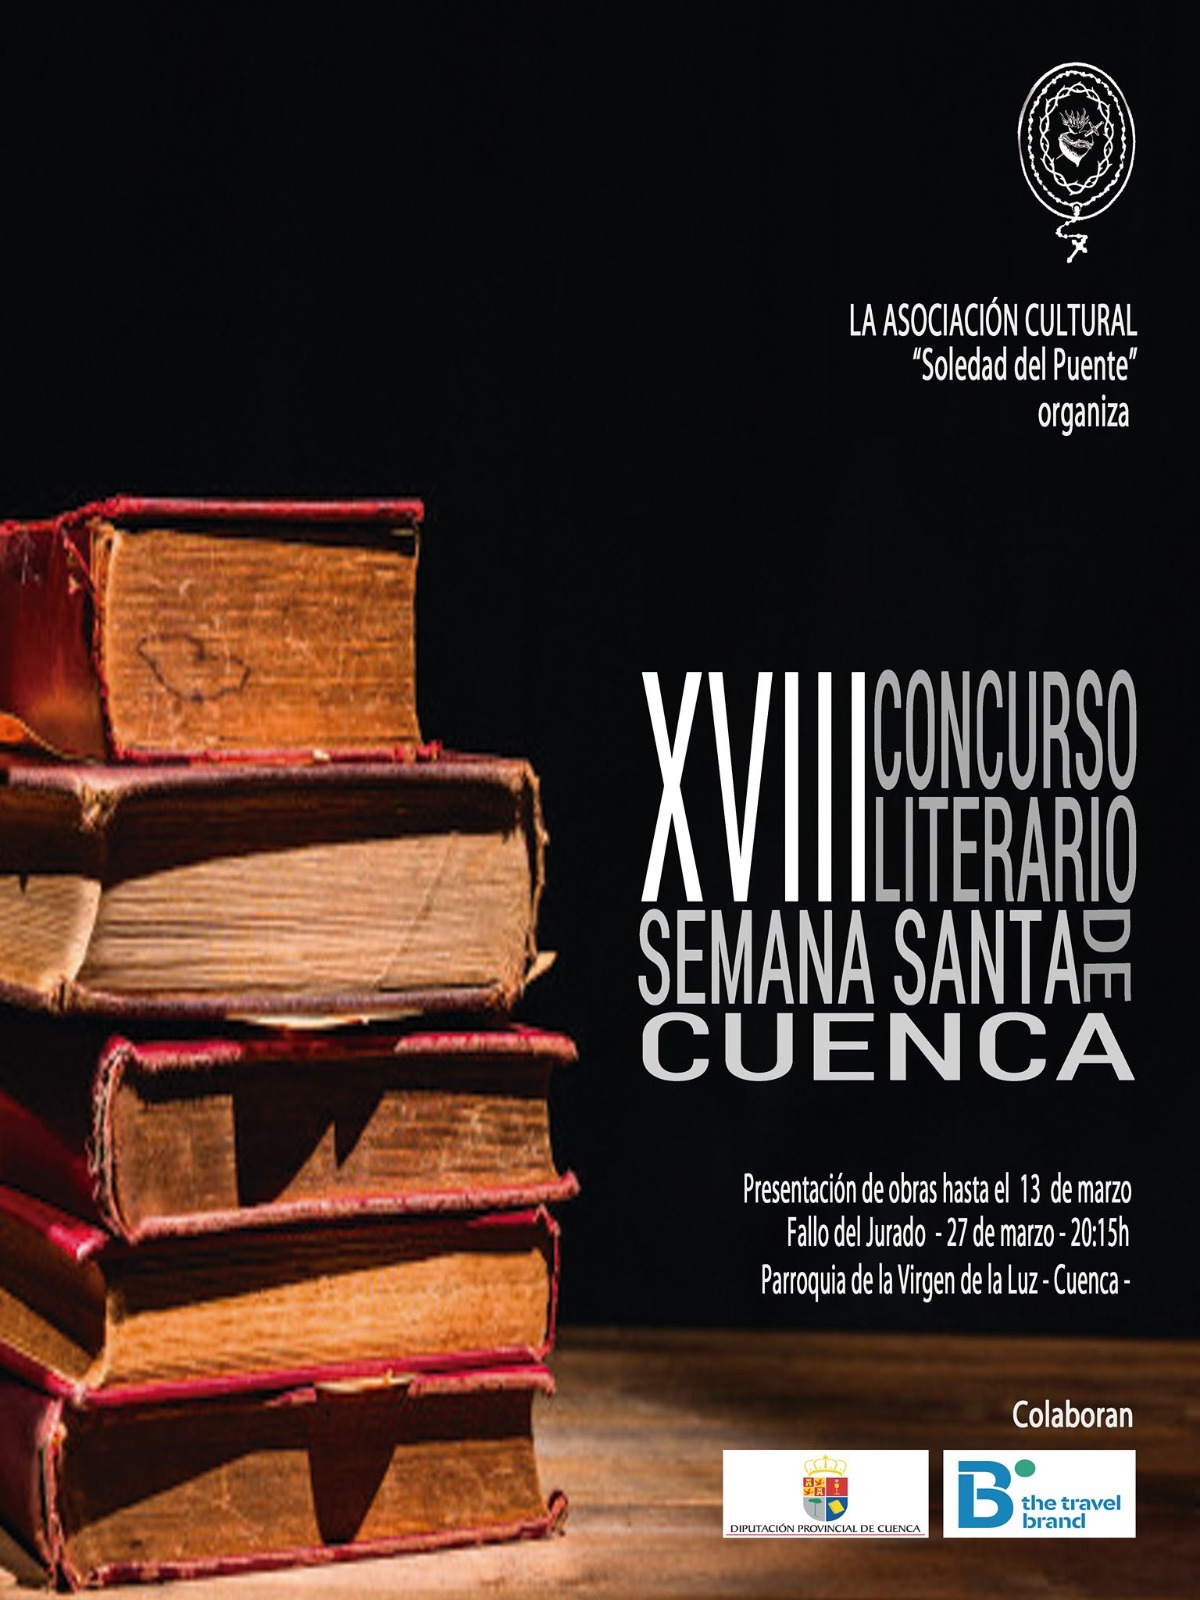 Abierto el plazo de presentación de originales para los Concursos de la Asociación Cultural de la Soledad del Puente